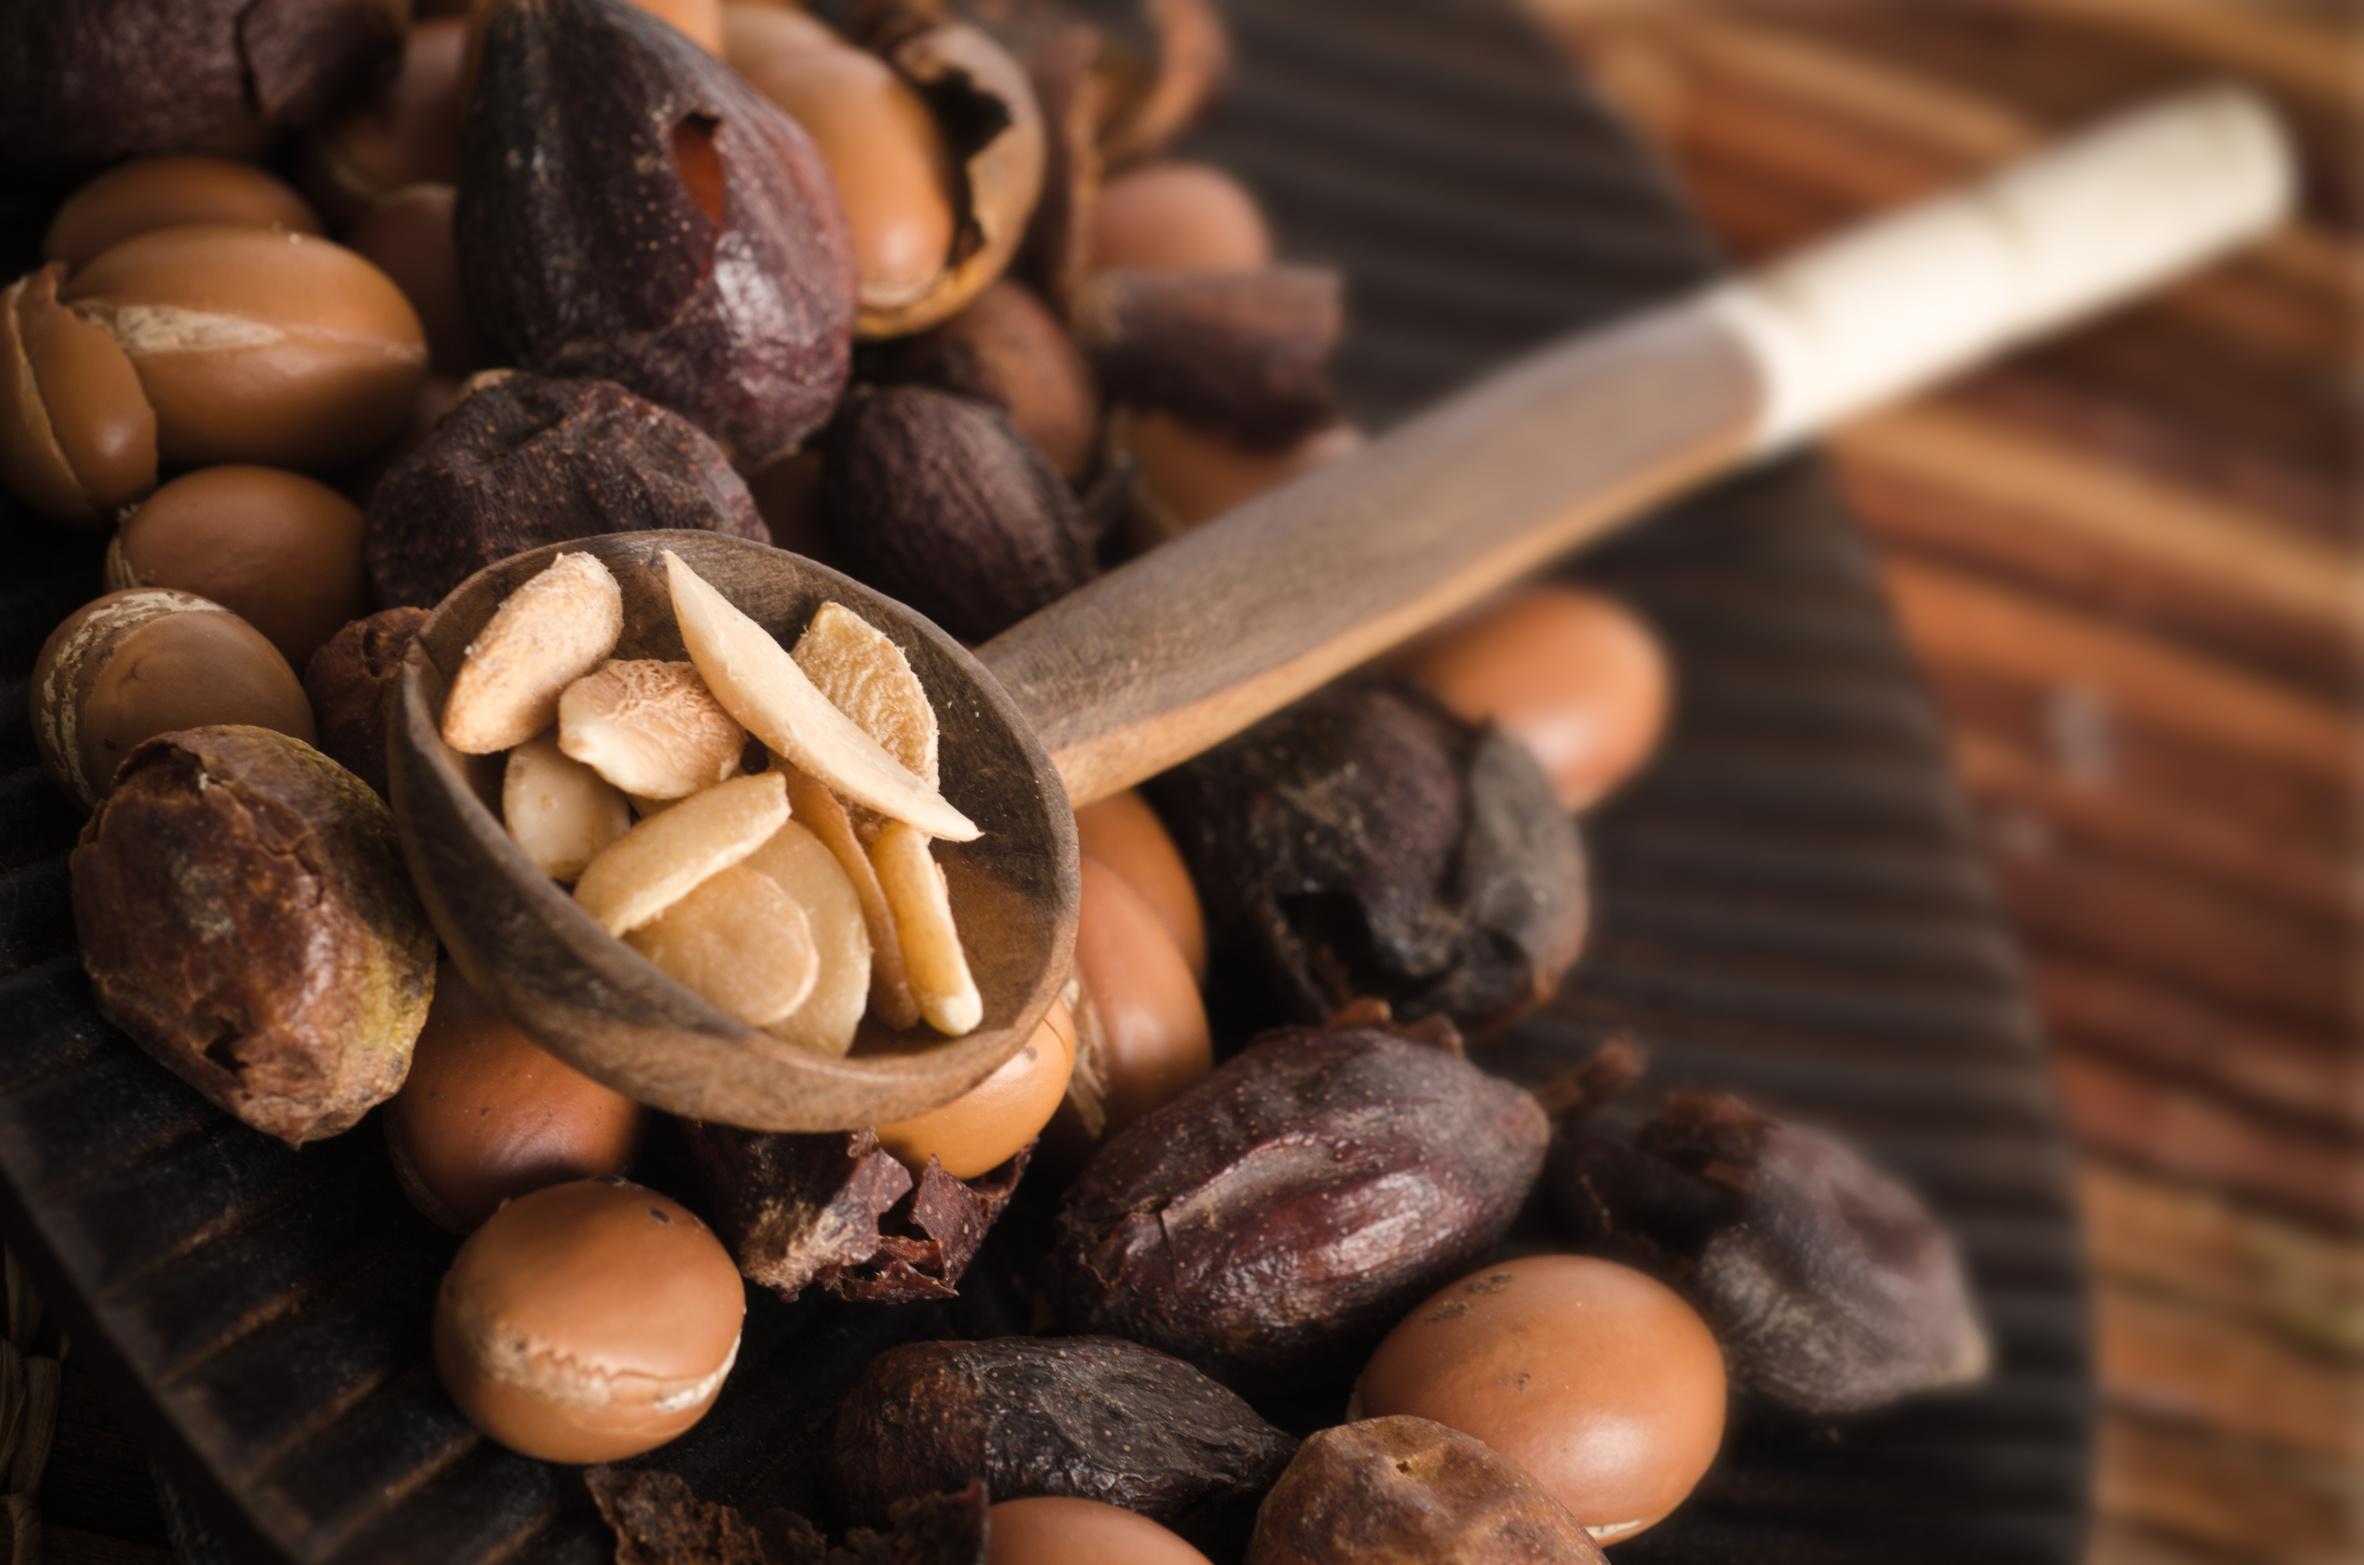 Olej arganowy w kuchni. Drogocenny olej z Maroka. Przepis na Amlou – marokańską nutelle